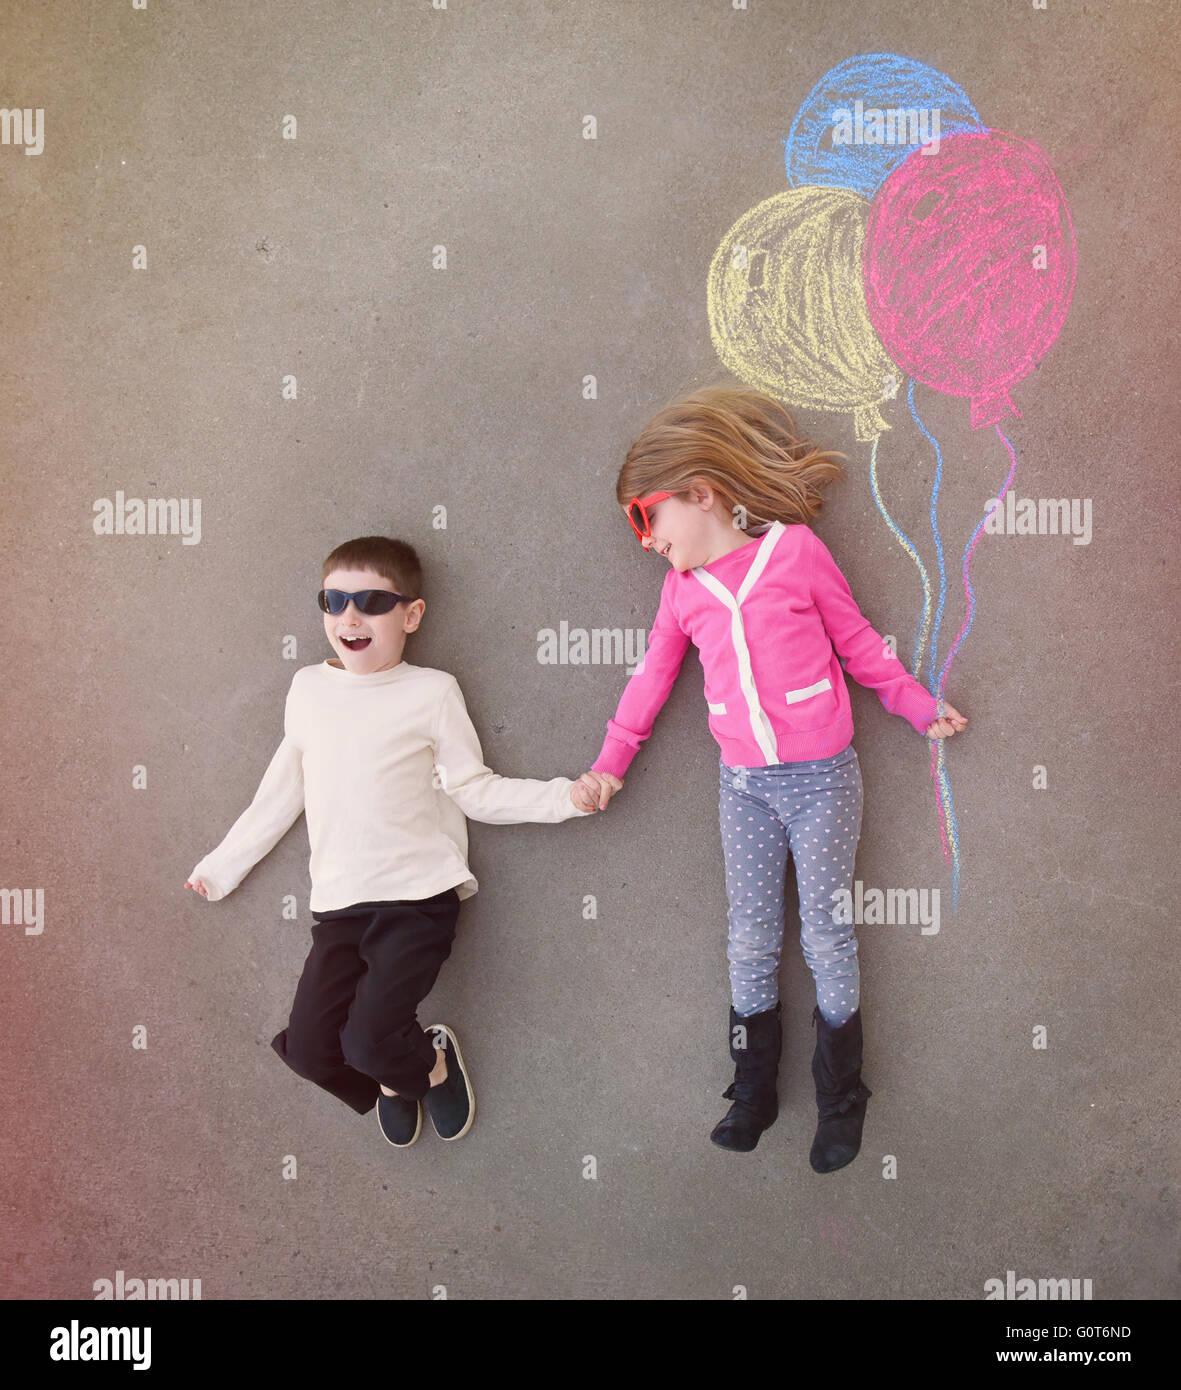 Les enfants sont à l'extérieur tenant la main avec des ballons craie esquissé sur le ciment pour un créatif, artisanale Banque D'Images